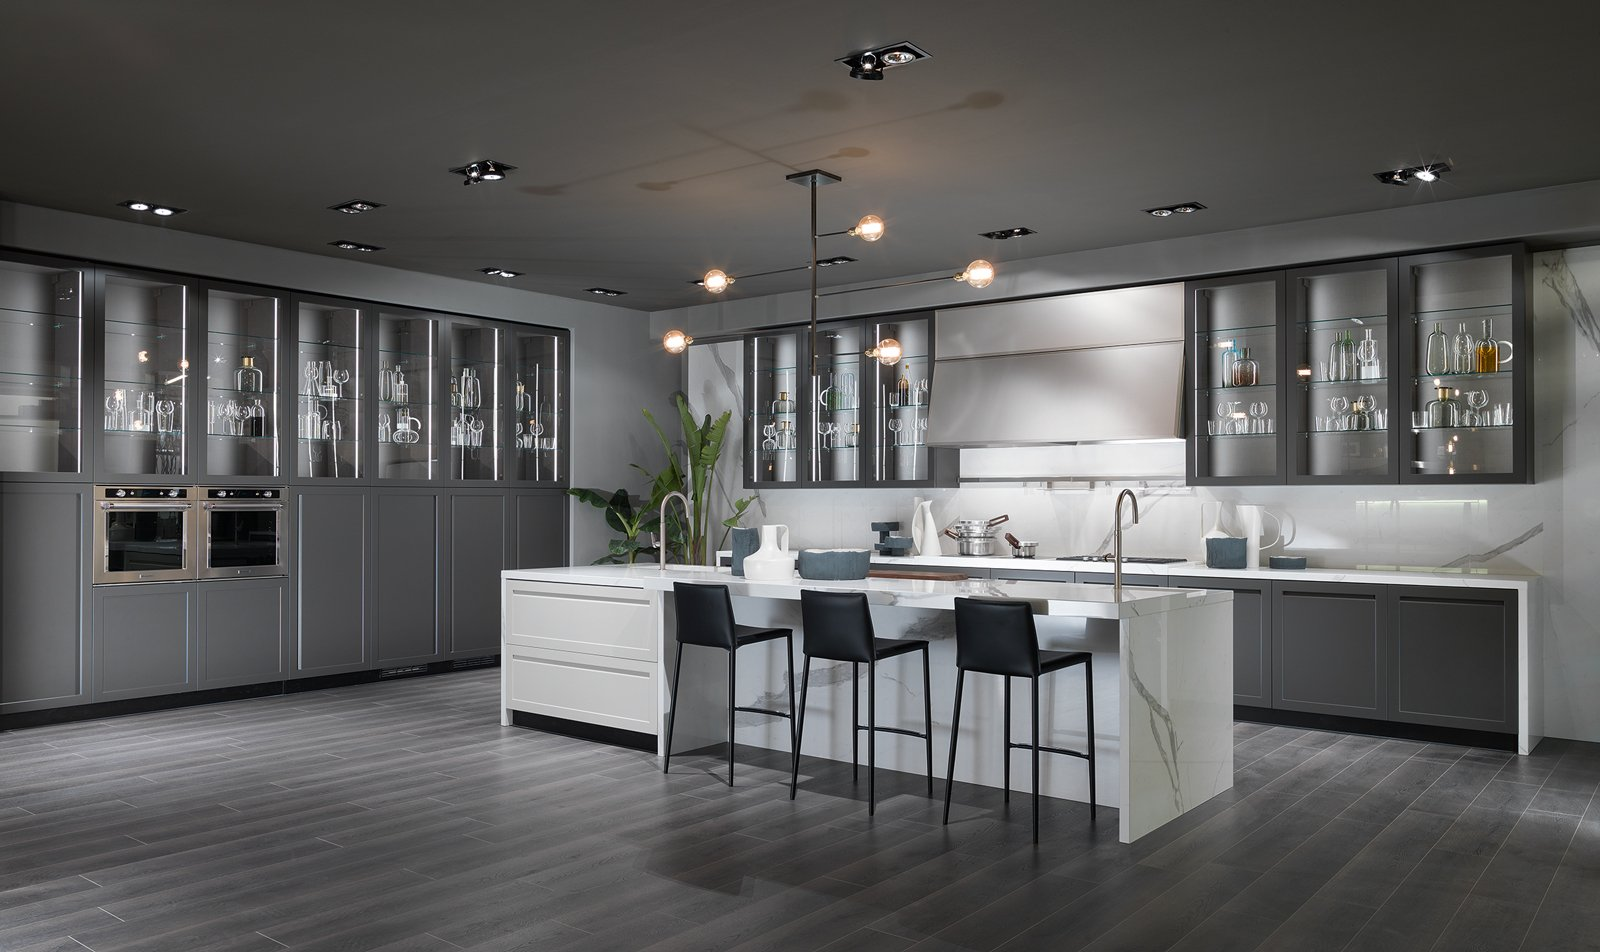 Cucina Con Vetrina Soprattutto Classica O In Stile Industriale Cose Di Casa